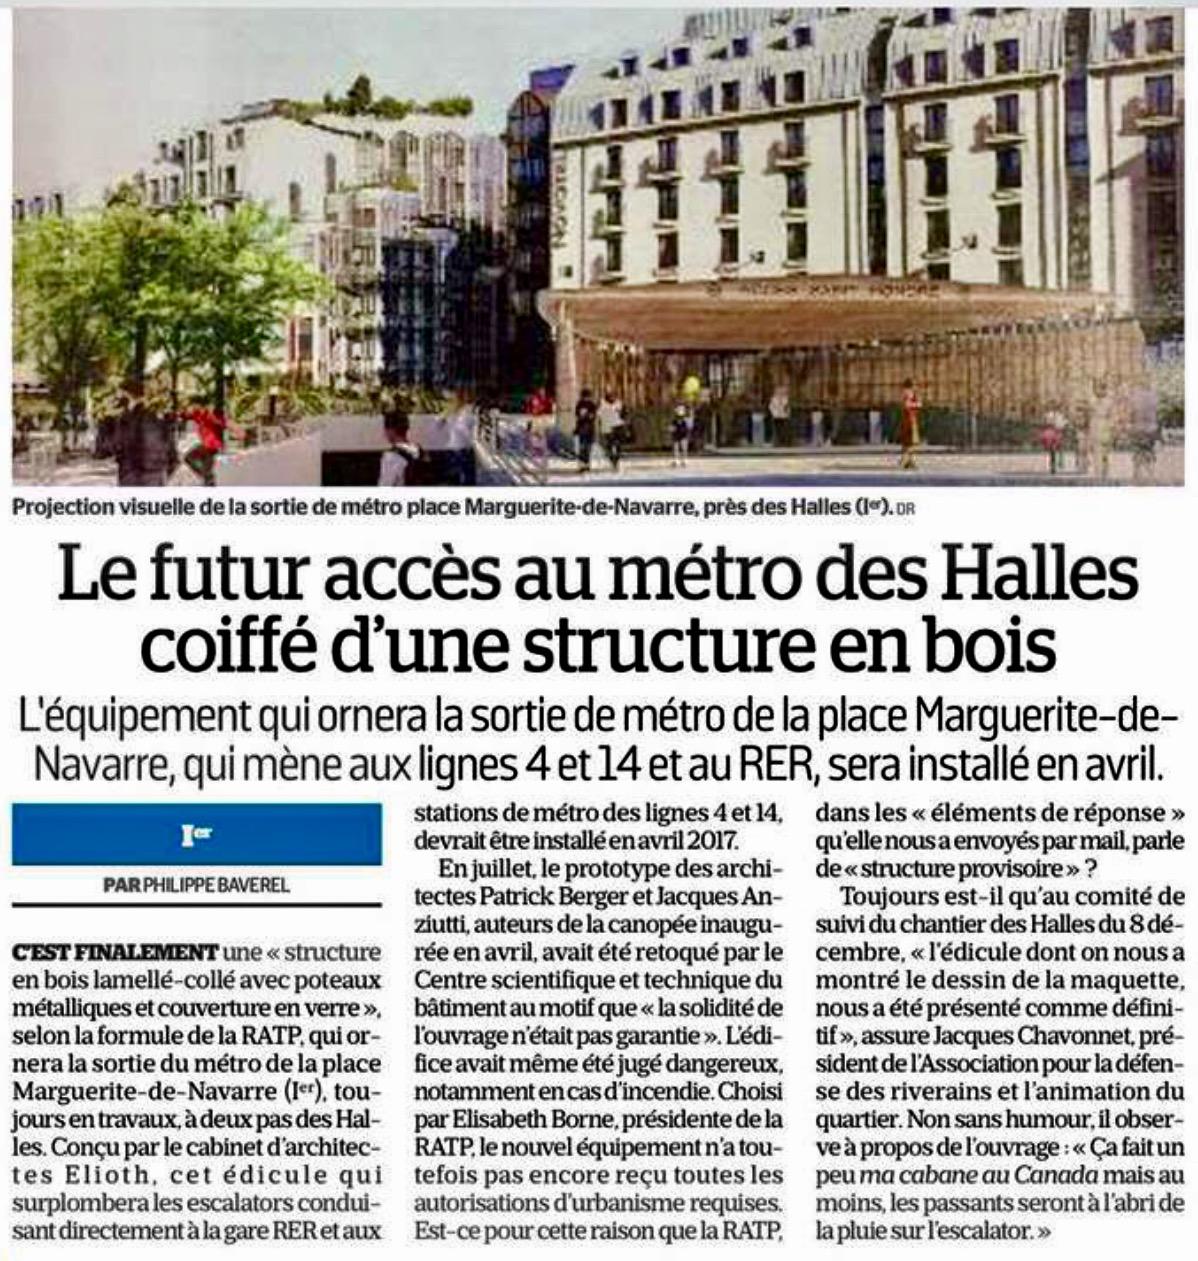 20161221_parisien_futur_acces_metro_halles